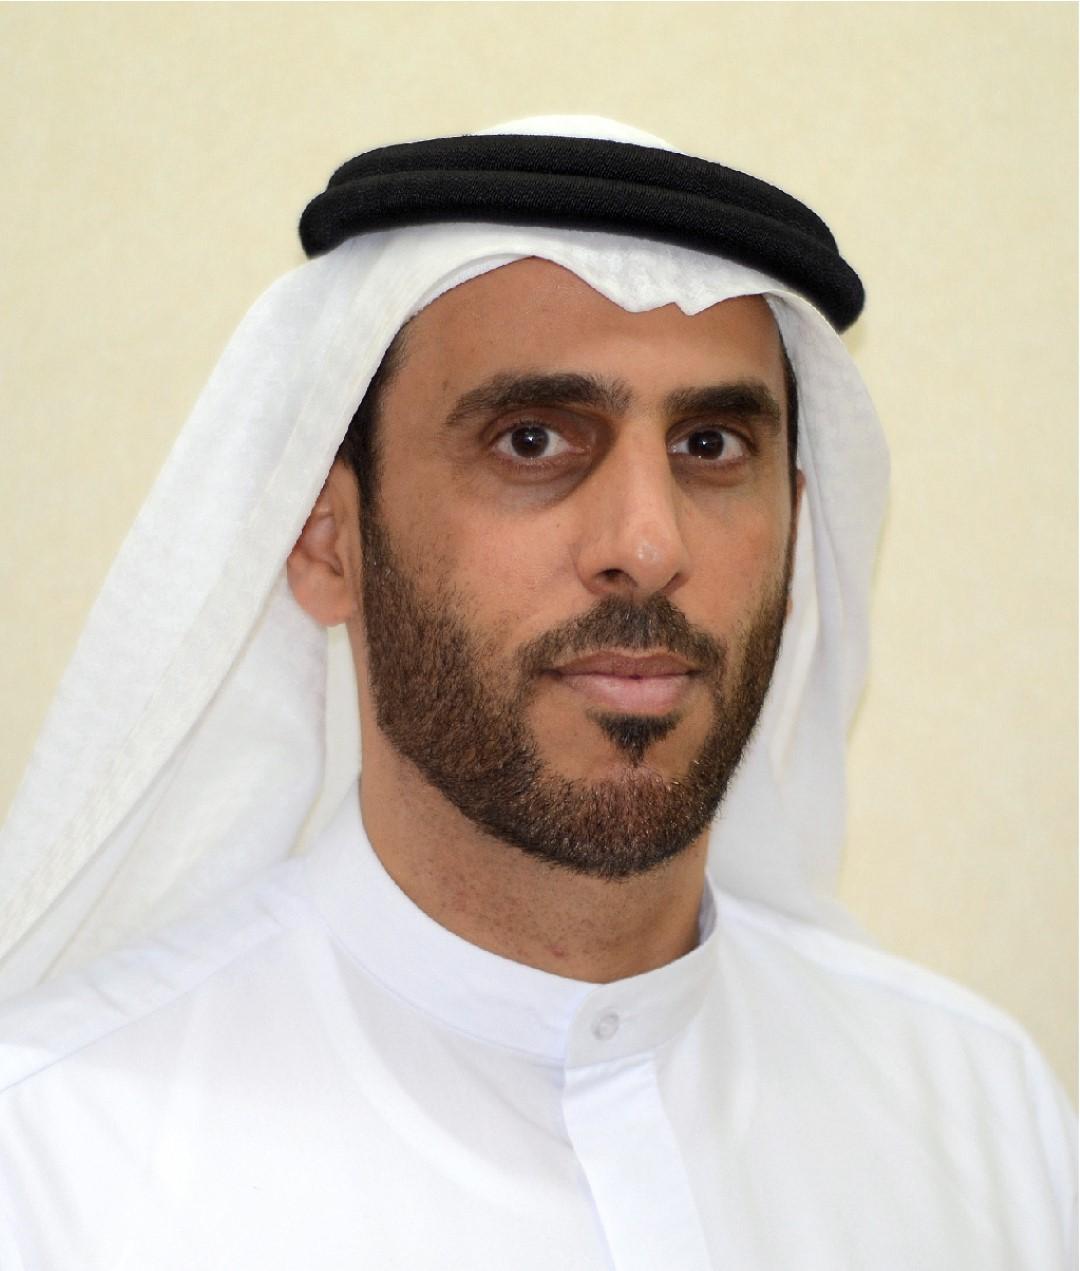 """شراكة بين """"اقتصادية دبي"""" وبنك دبي التجاري لتقديم خدمات مصرفية لحاملي رخصة """"تاجر"""""""